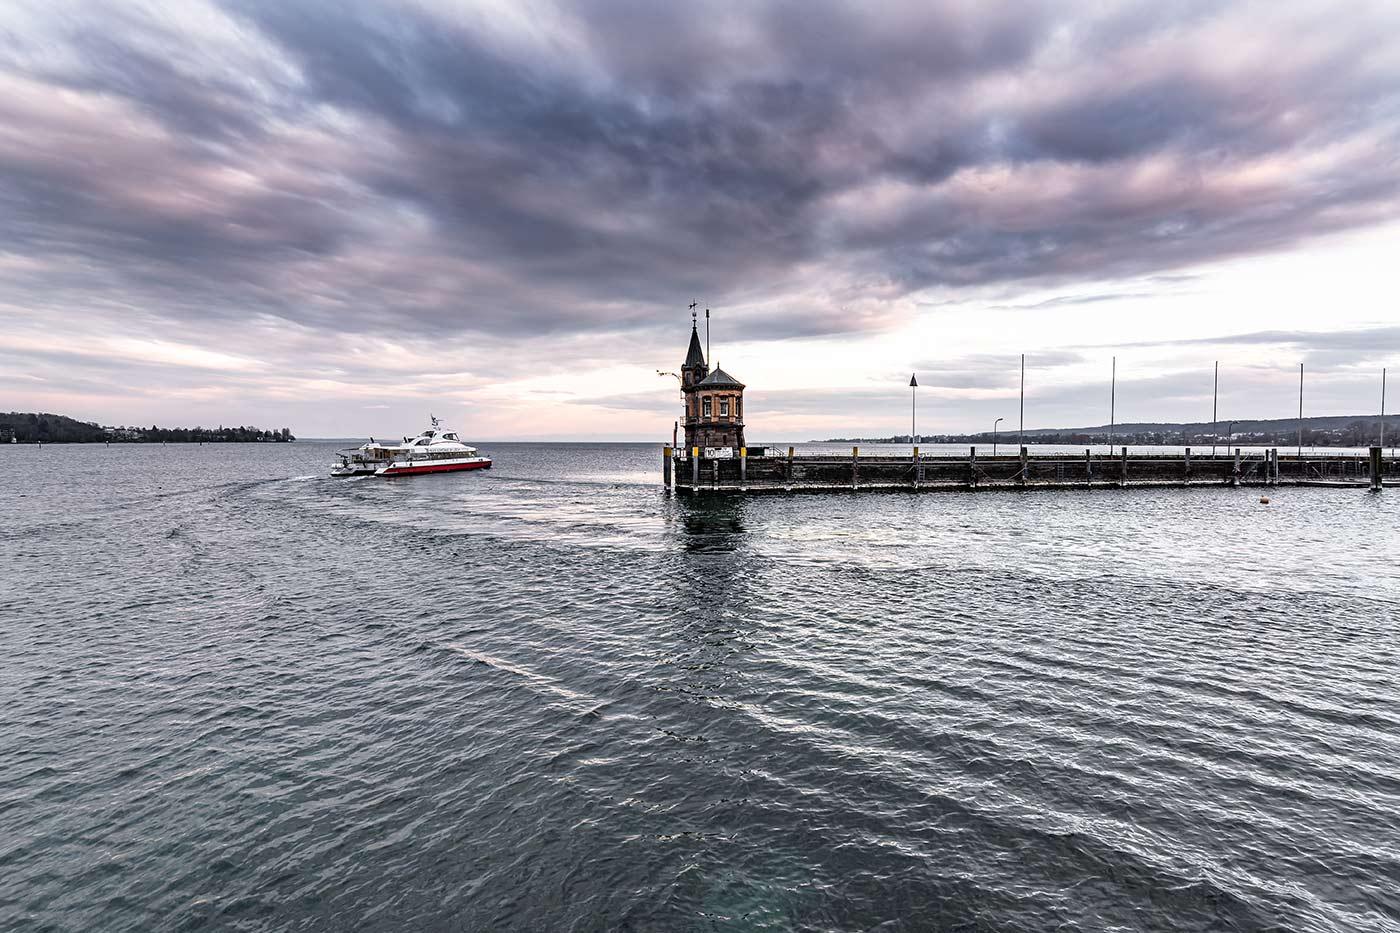 Im Bild ist der Hafen von Konstanz am Bodensee zu sehen - dieser liegt nicht weit vom Hotel Halm entfernt